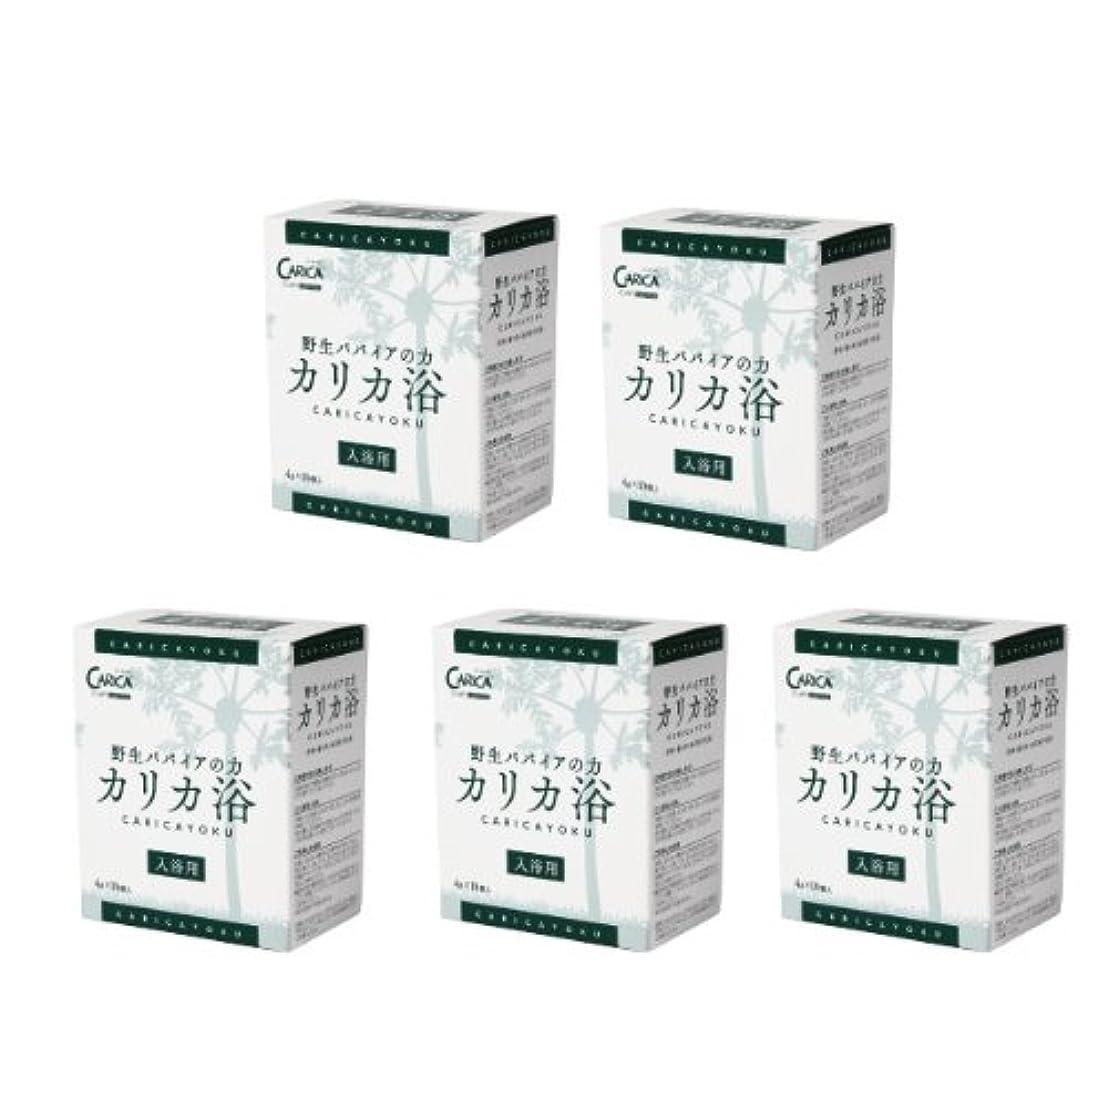 甘やかす織機イチゴカリカ浴(4g x 10包) 5箱セット + おまけ(カリカ浴 5包付き)